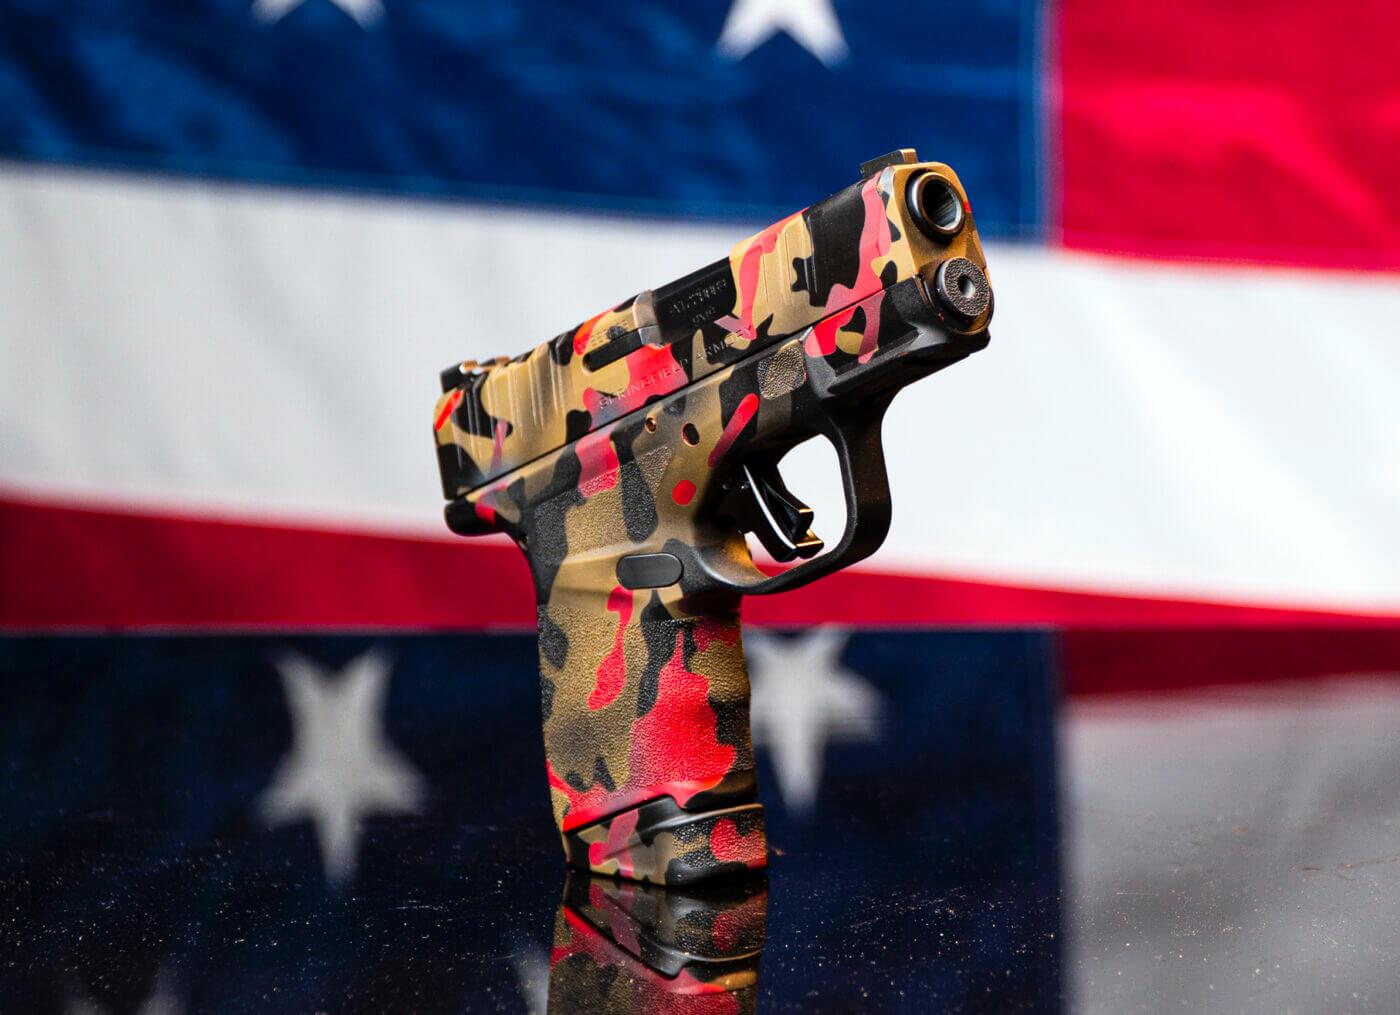 Fully custom Springfield Hellcat pistol